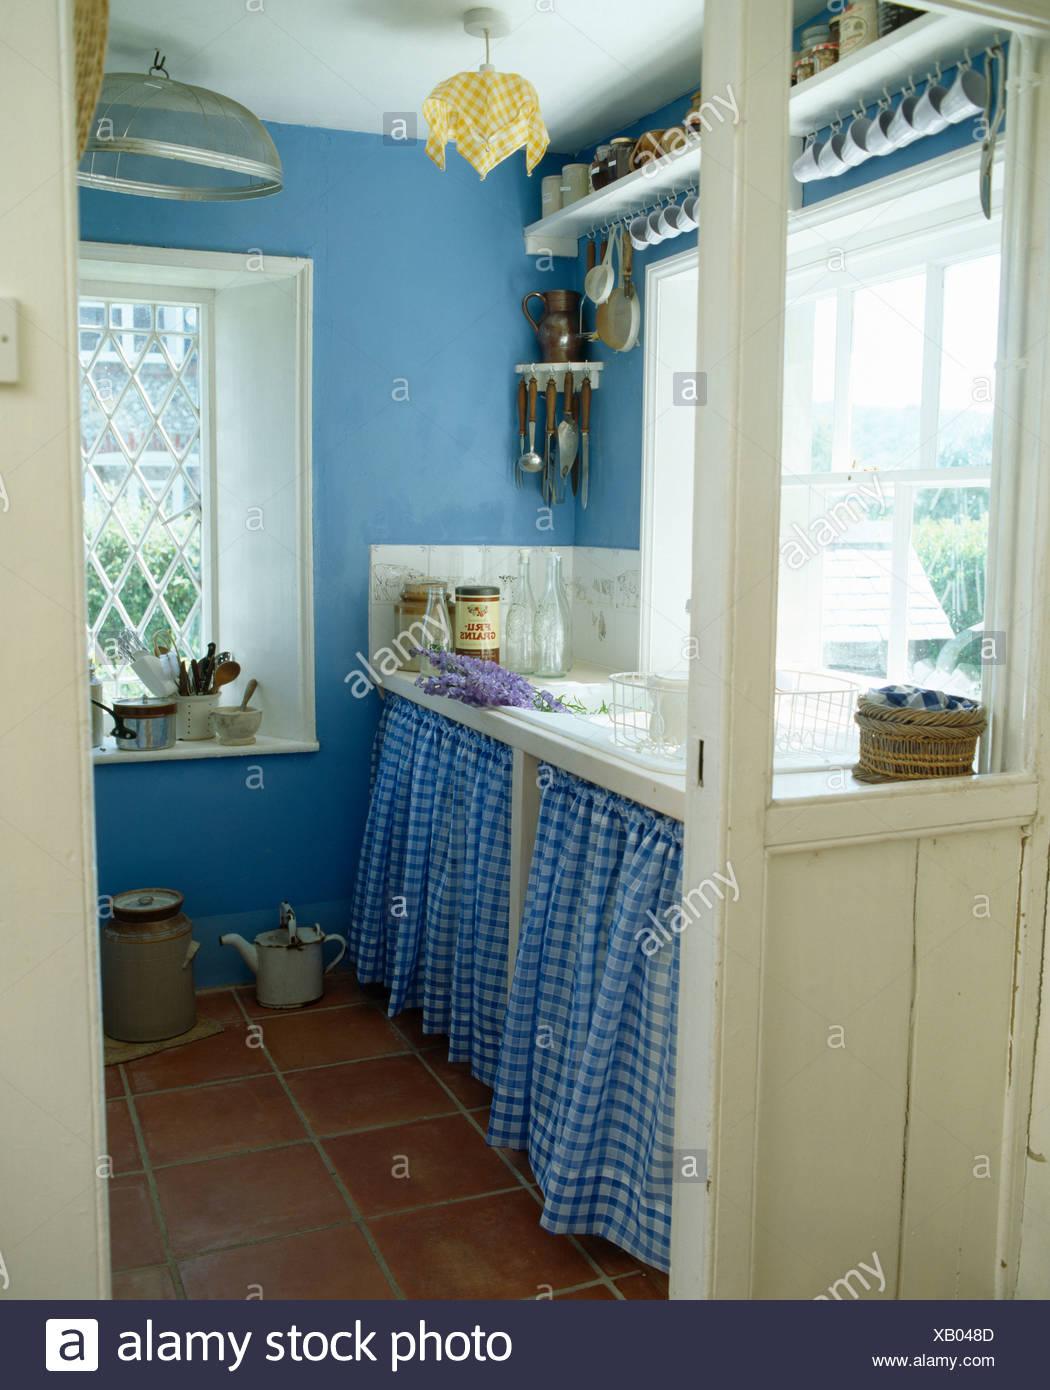 Terracotta Tiled Floor In Country Stockfotos & Terracotta Tiled ...